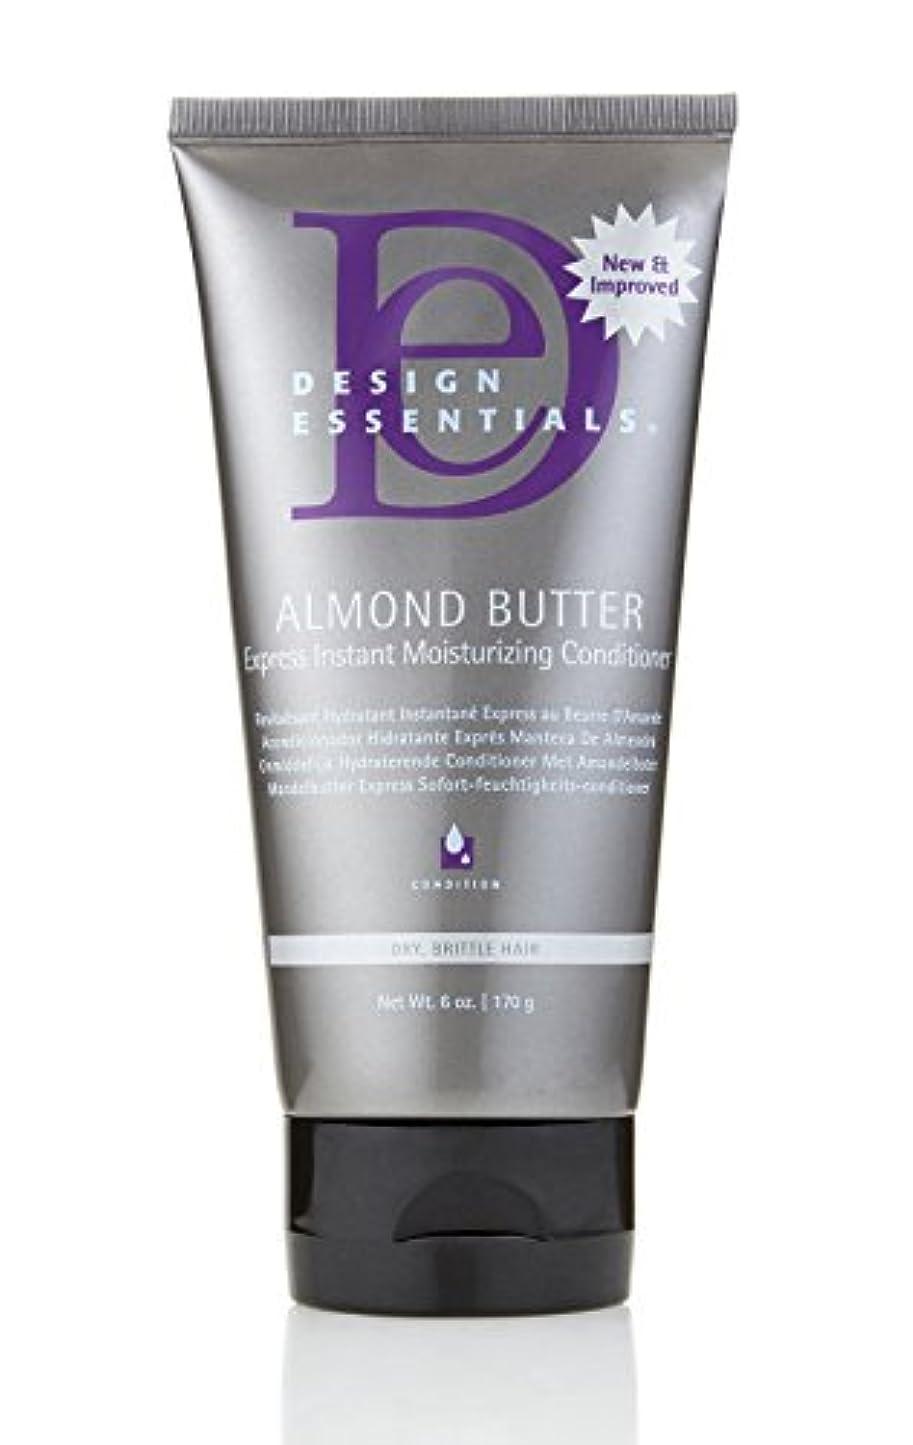 収縮高齢者ポジティブDesign Essentials Almond Butter Express Instant Moisturizing Conditioner - 6oz.